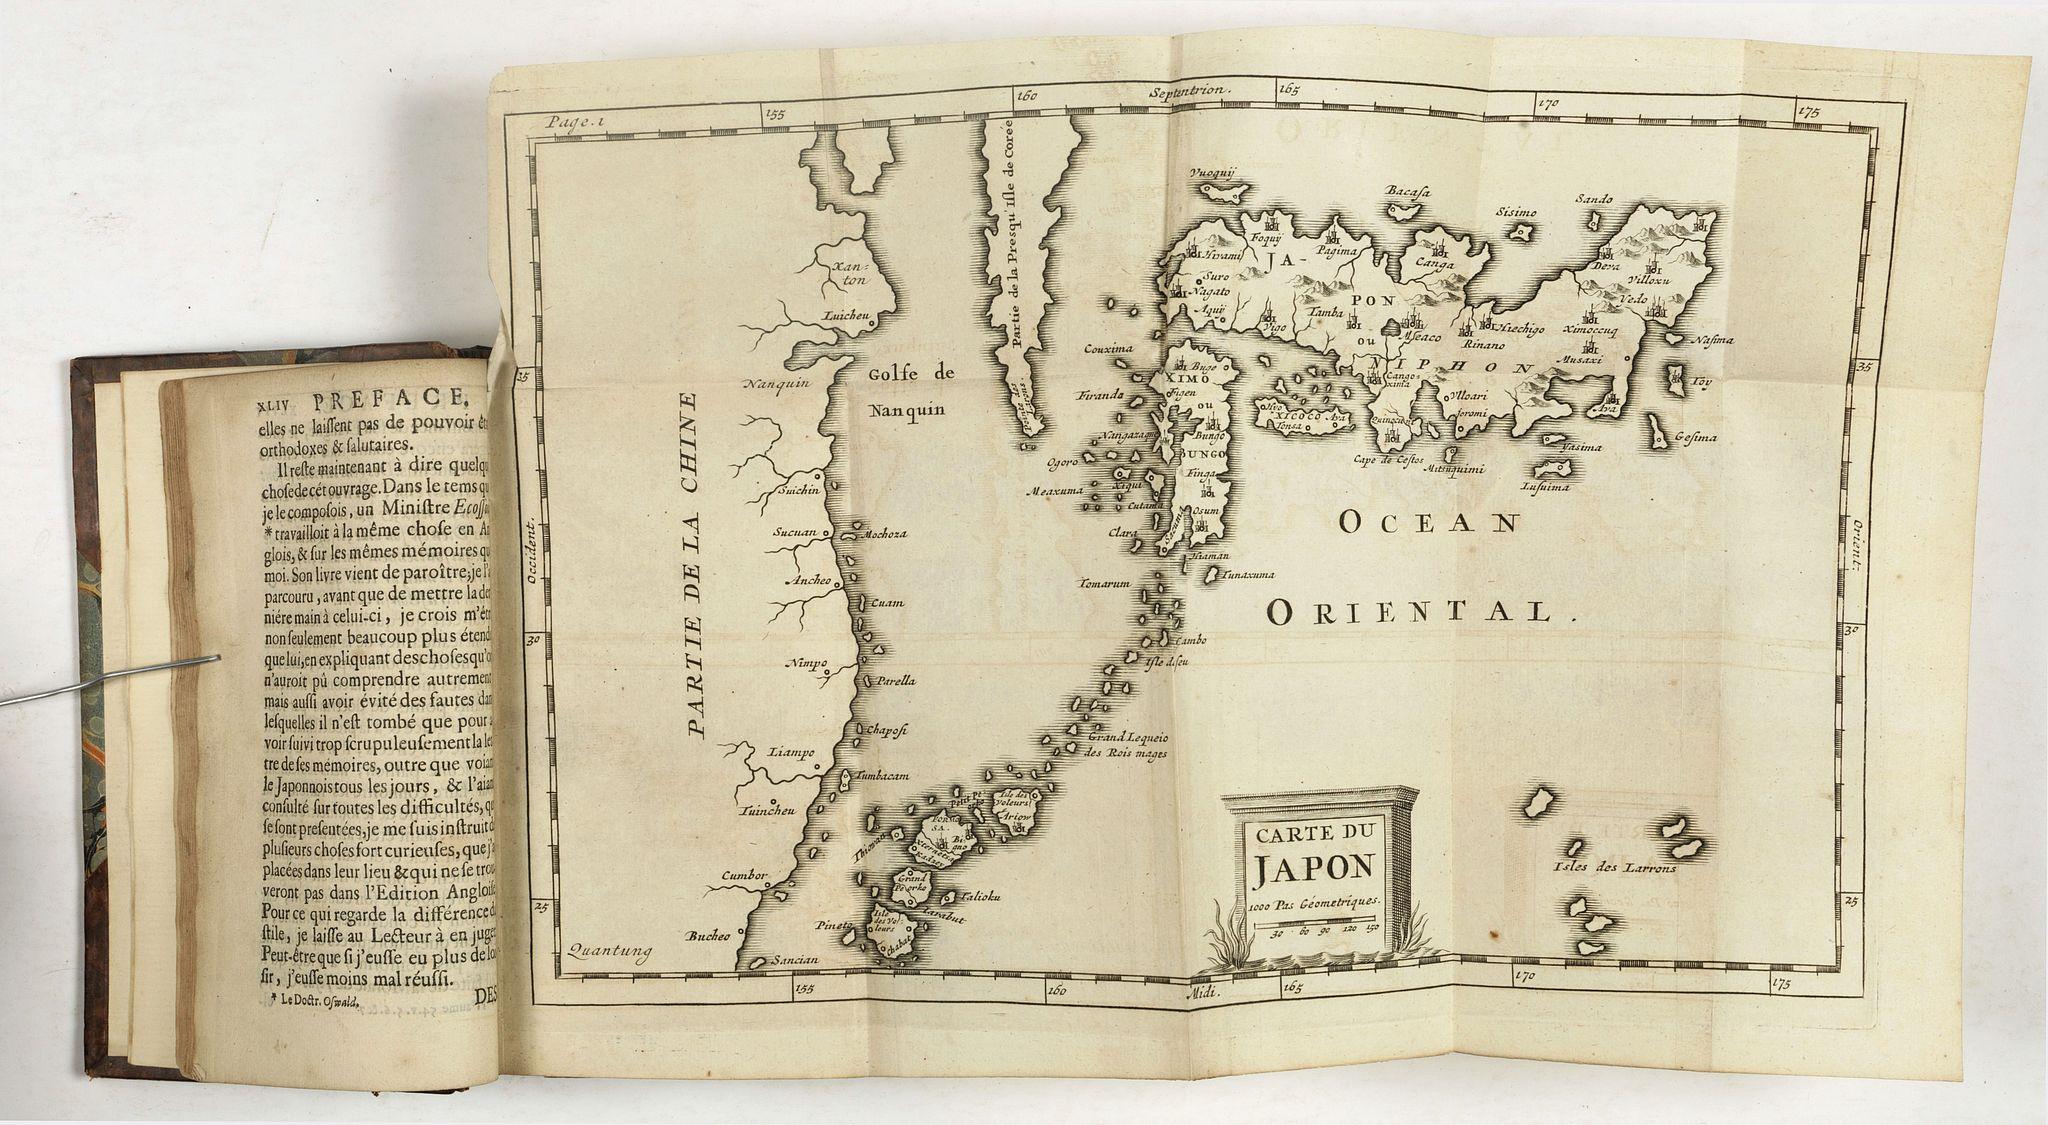 PSALMANAZAR, G. -  Description de l'Isle Formosa en Asie, du gouvernement..